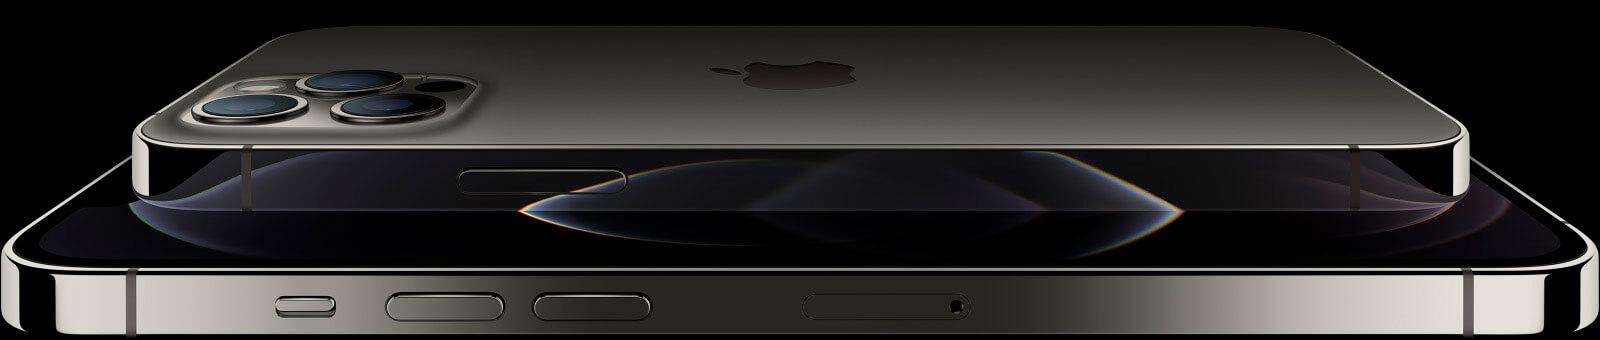 Oferta iPhone 12 Pro Grafito